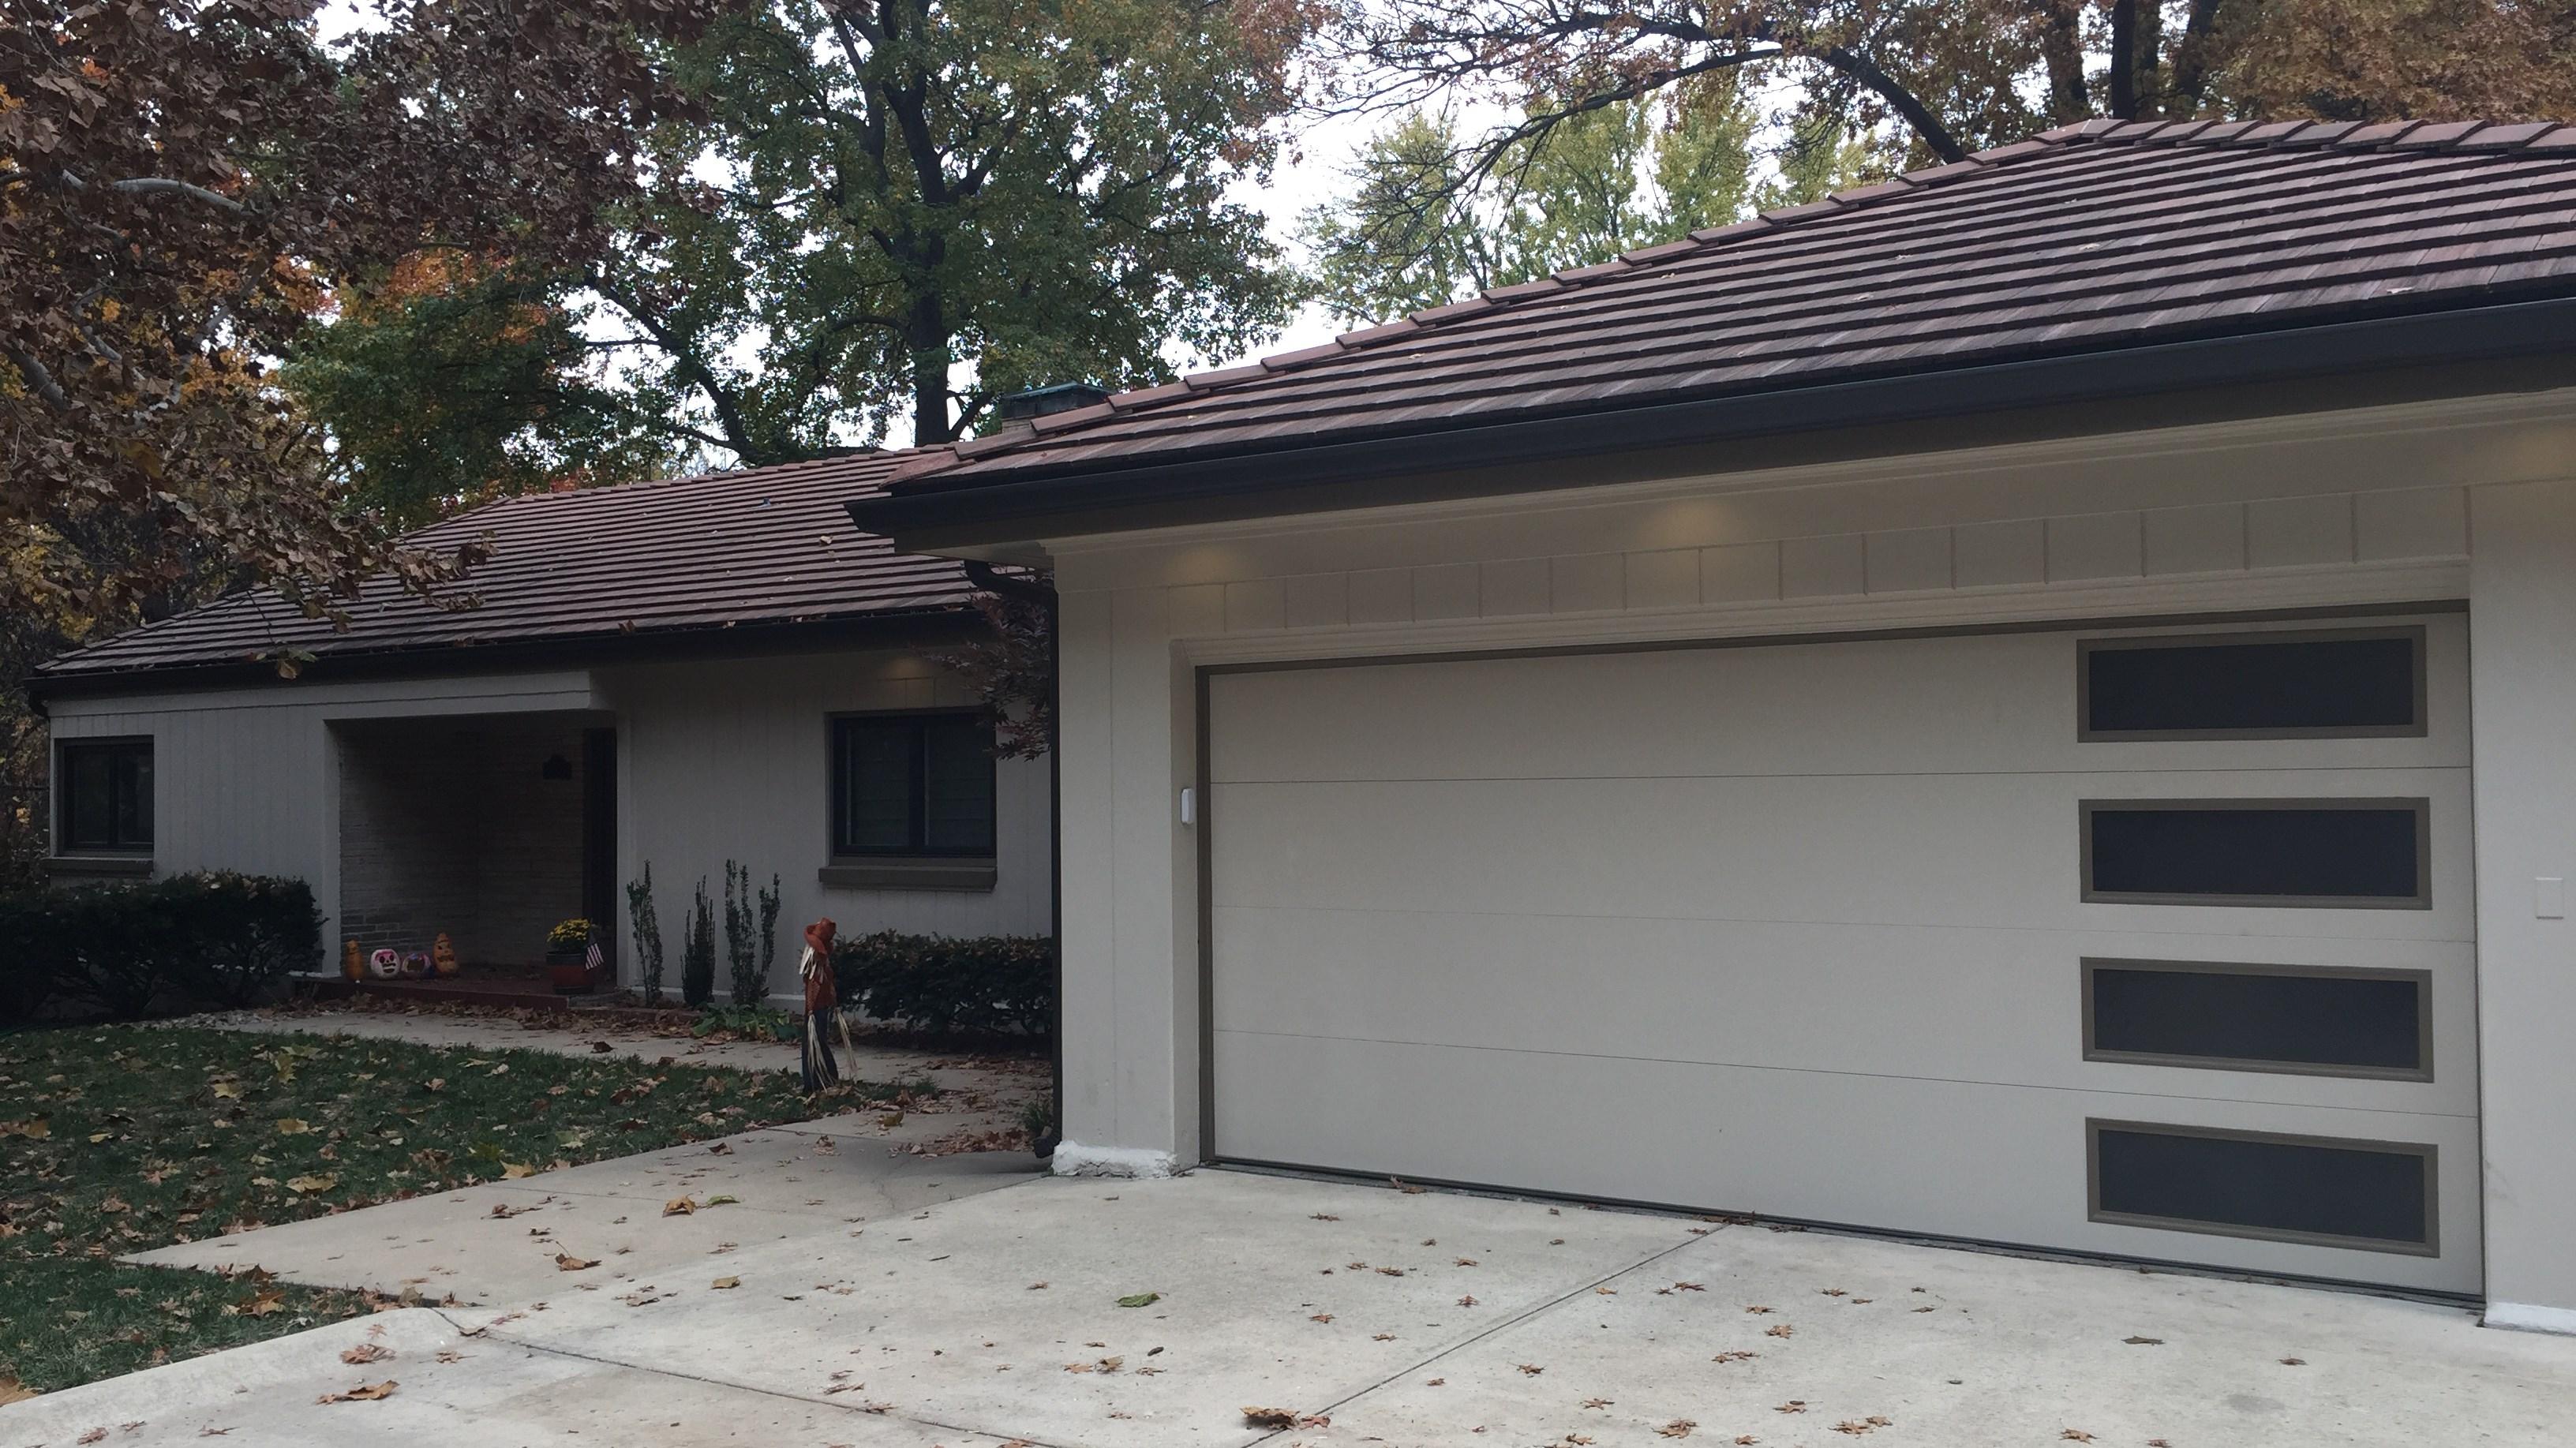 Delden Garage Doors Adds Flush Panel Option to Residential Model DTR-3000